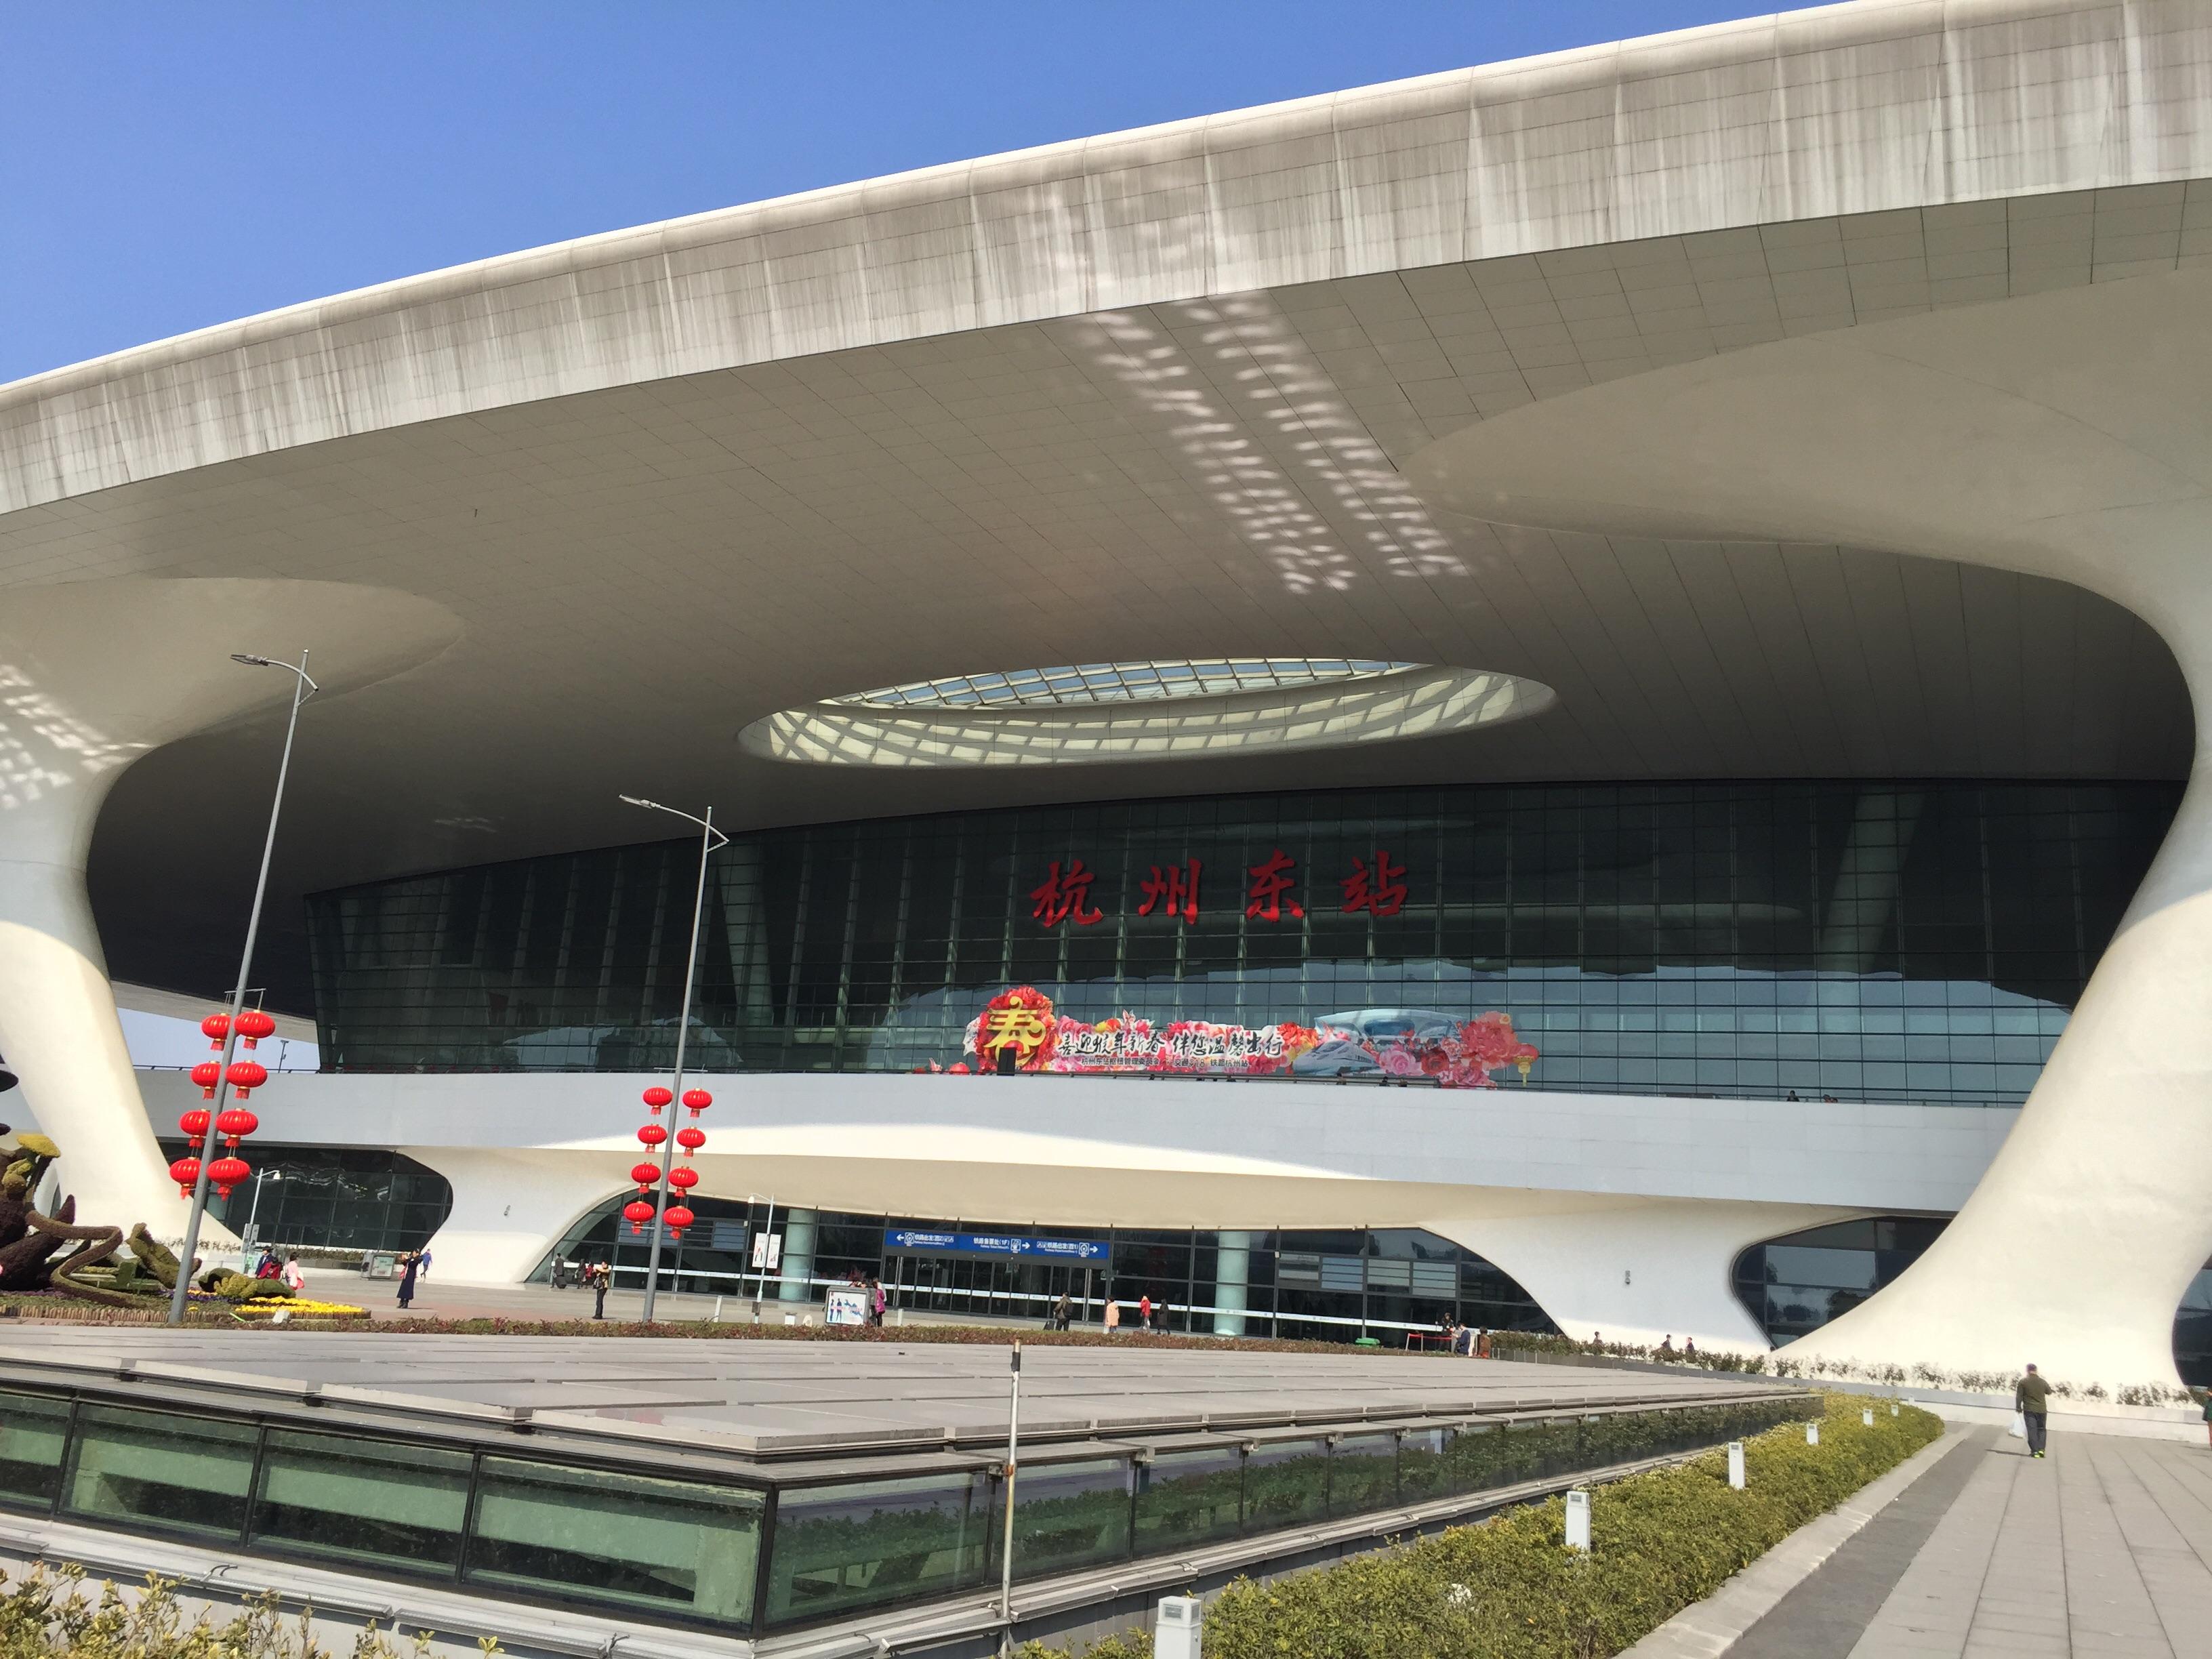 怎么从杭州去苏州,杭州去苏州怎么去方便,杭州去苏州交通方式推荐